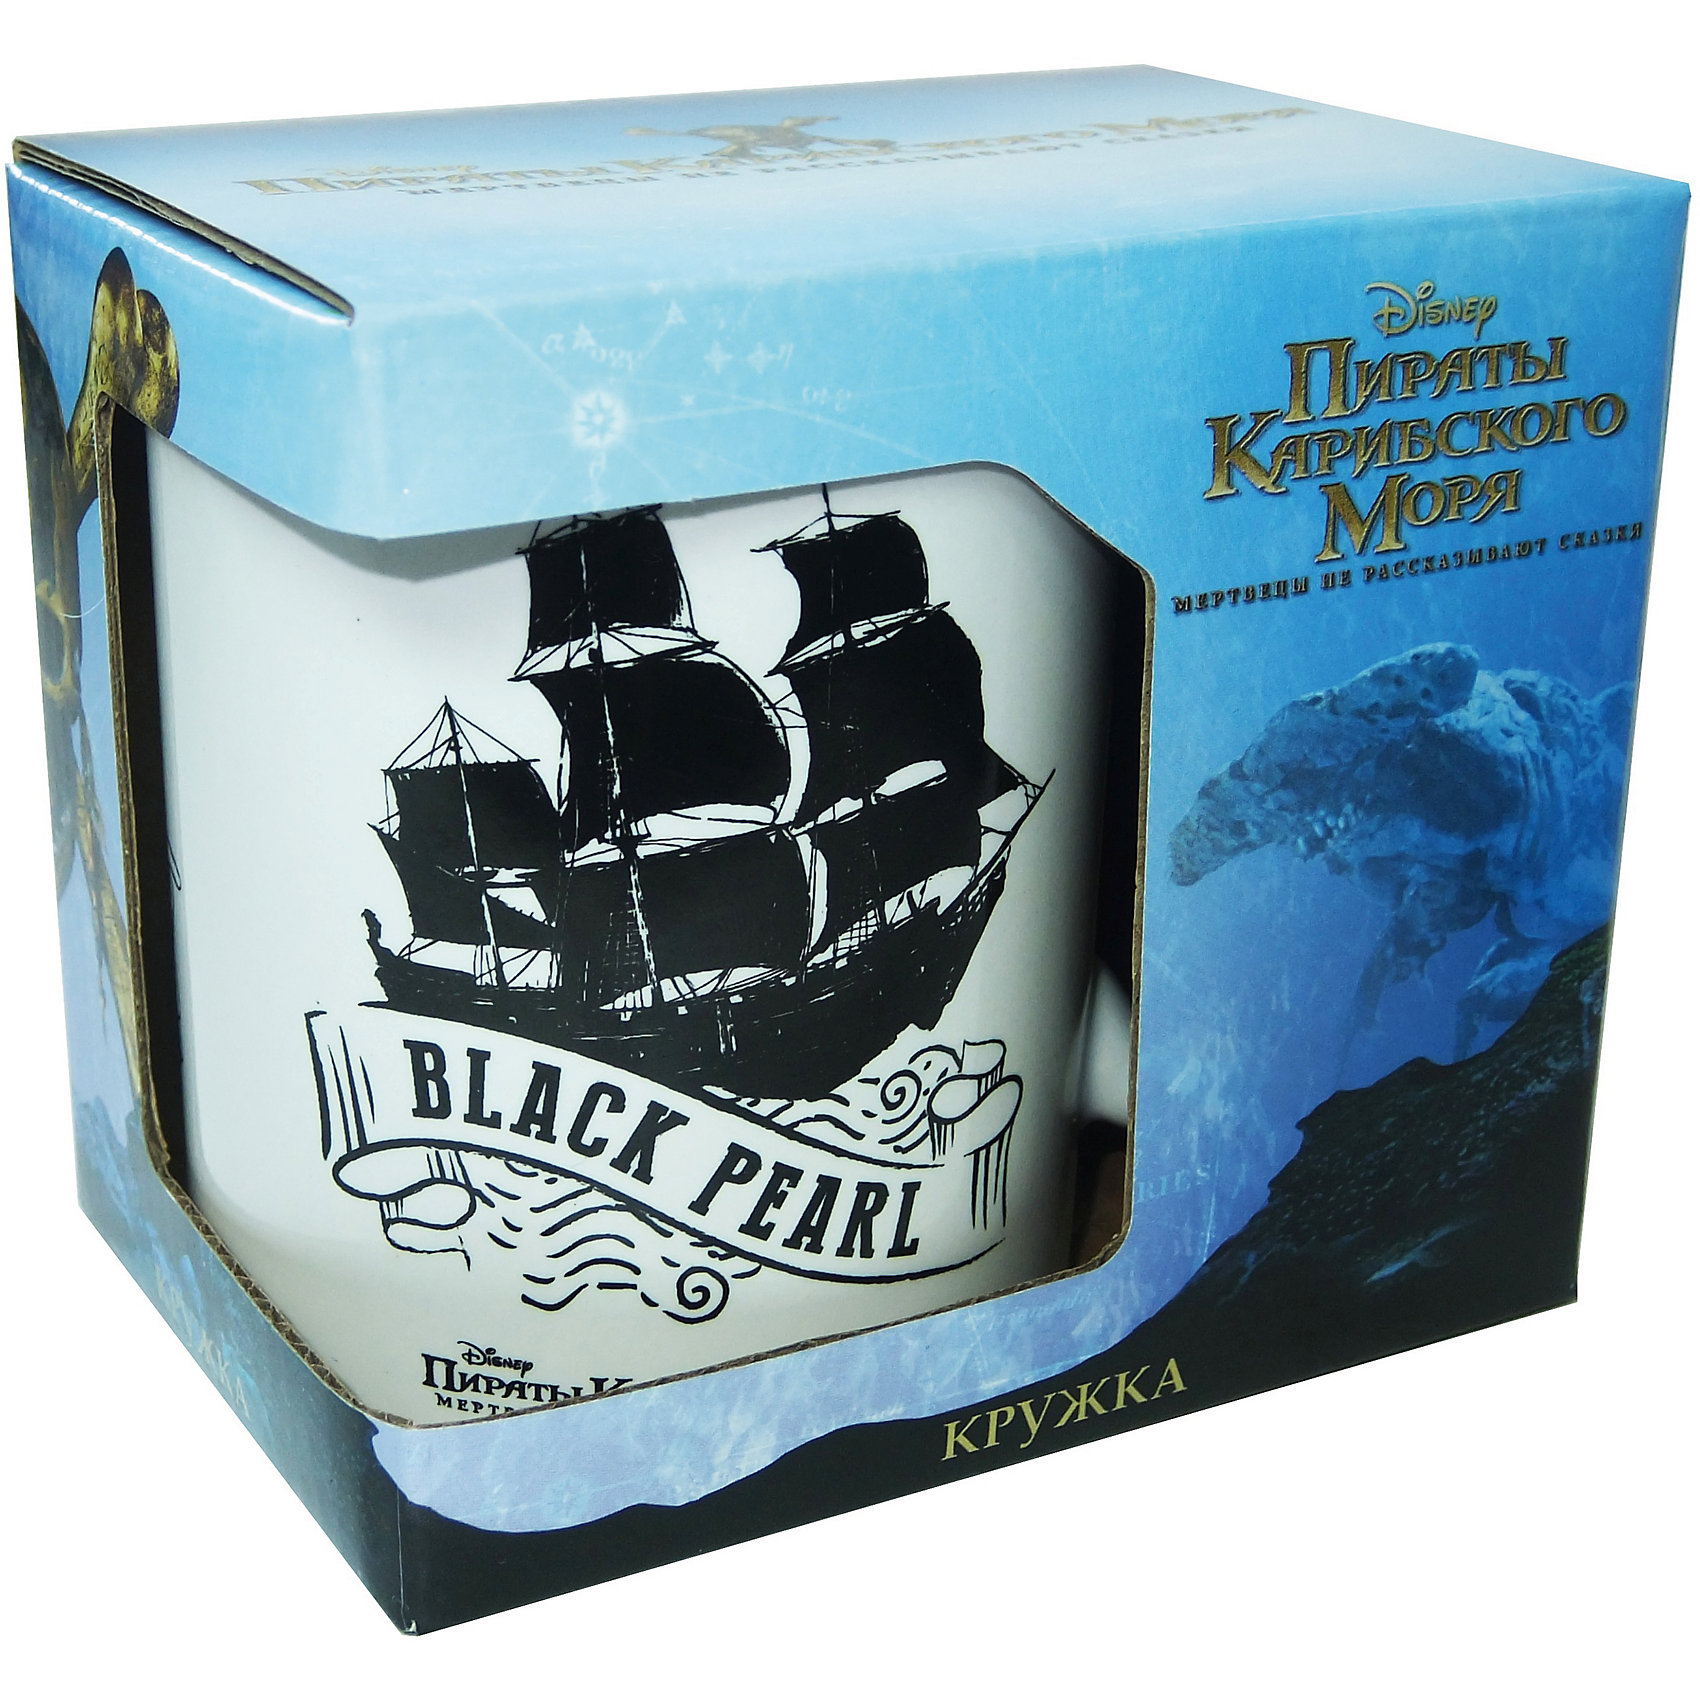 Кружка Пираты Карибского Моря. Черная Жемчужина в подарочной упаковке, 350 мл., DisneyПосуда<br>Характеристики:<br><br>• Материал: керамика<br>• Тематика рисунка: Пираты Карибского моря<br>• Можно использовать для горячих и холодных напитков<br>• Объем: 350 мл<br>• Вес: 360 г<br>• Упаковка: подарочная картонная коробка<br>• Размеры (Д*Ш*В): 12*8,2*9,5 см<br>• Особенности ухода: можно мыть в посудомоечной машине<br><br>Кружка Пираты Карибского моря. Черная Жемчужина, 350 мл., Disney выполнена в стильном дизайне: на белый корпус нанесено изображение корабля Черная Жемчужина. Изображение устойчиво к появлению царапин, не выцветает при частом мытье. <br><br>Кружку Кружка Пираты Карибского моря. Черная Жемчужина, 350 мл., Disney можно купить в нашем интернет-магазине.<br><br>Ширина мм: 120<br>Глубина мм: 82<br>Высота мм: 95<br>Вес г: 360<br>Возраст от месяцев: 36<br>Возраст до месяцев: 1188<br>Пол: Унисекс<br>Возраст: Детский<br>SKU: 6849946